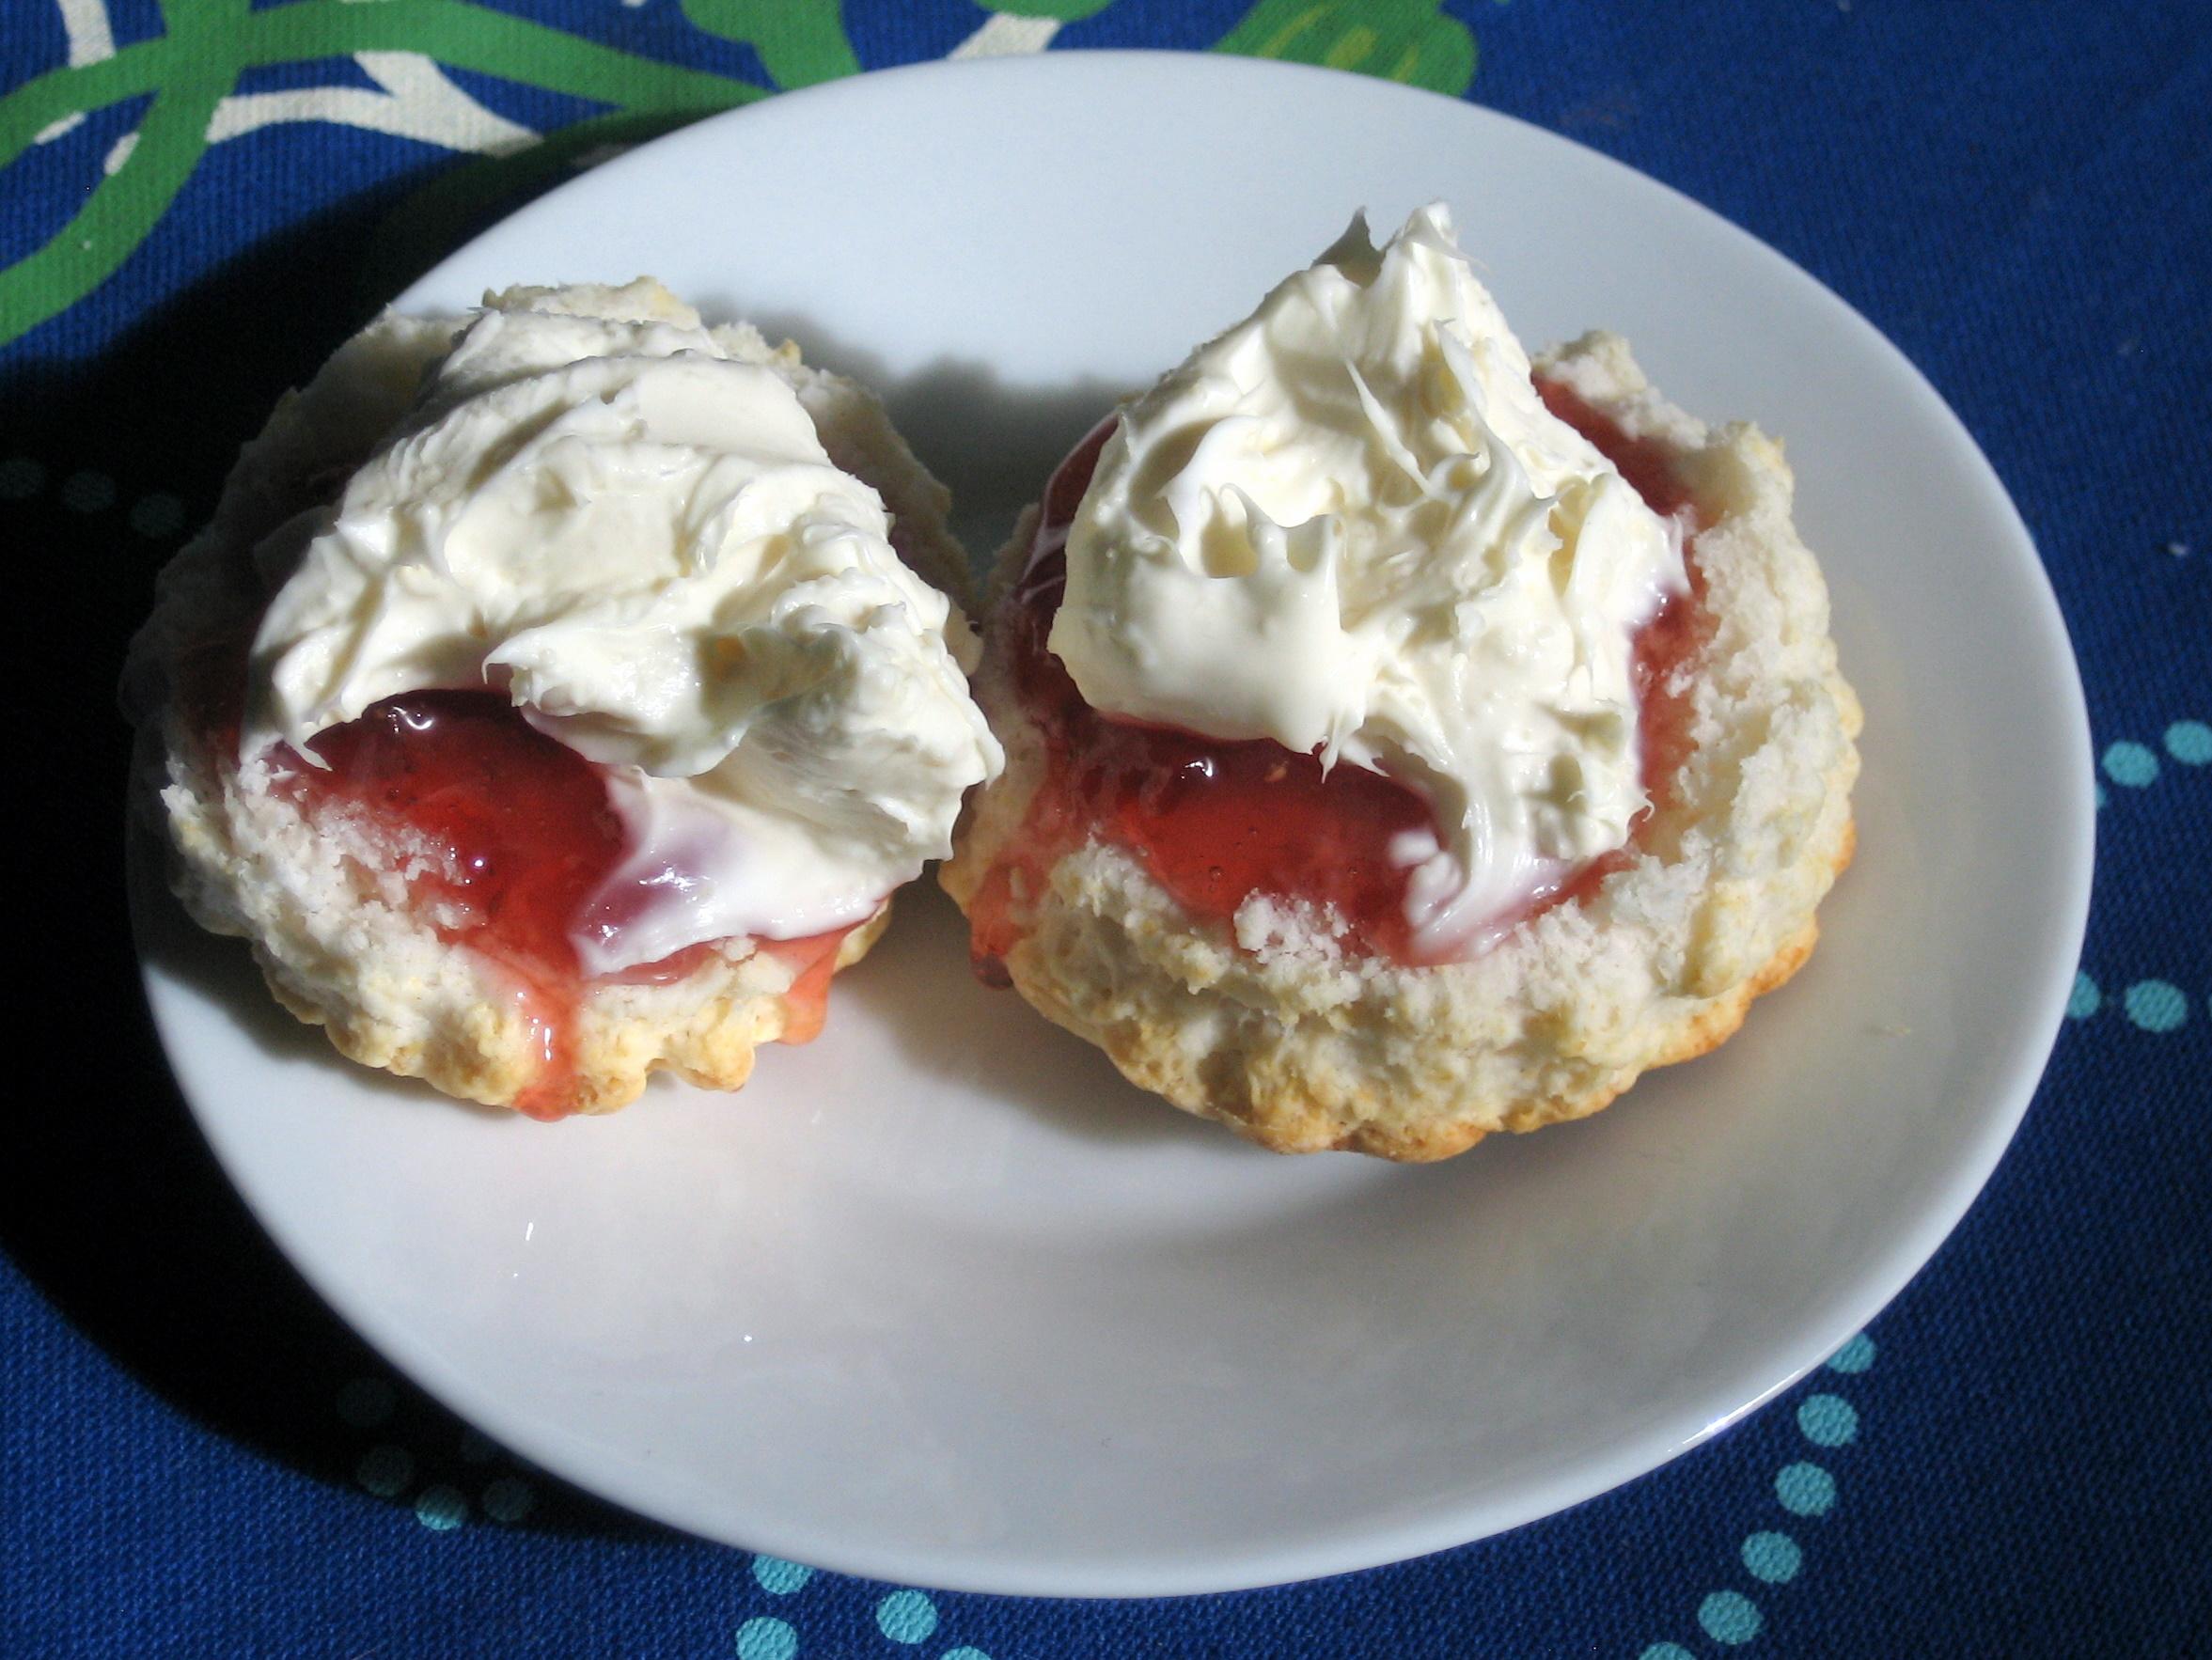 Blakemere pix scones jam and cream